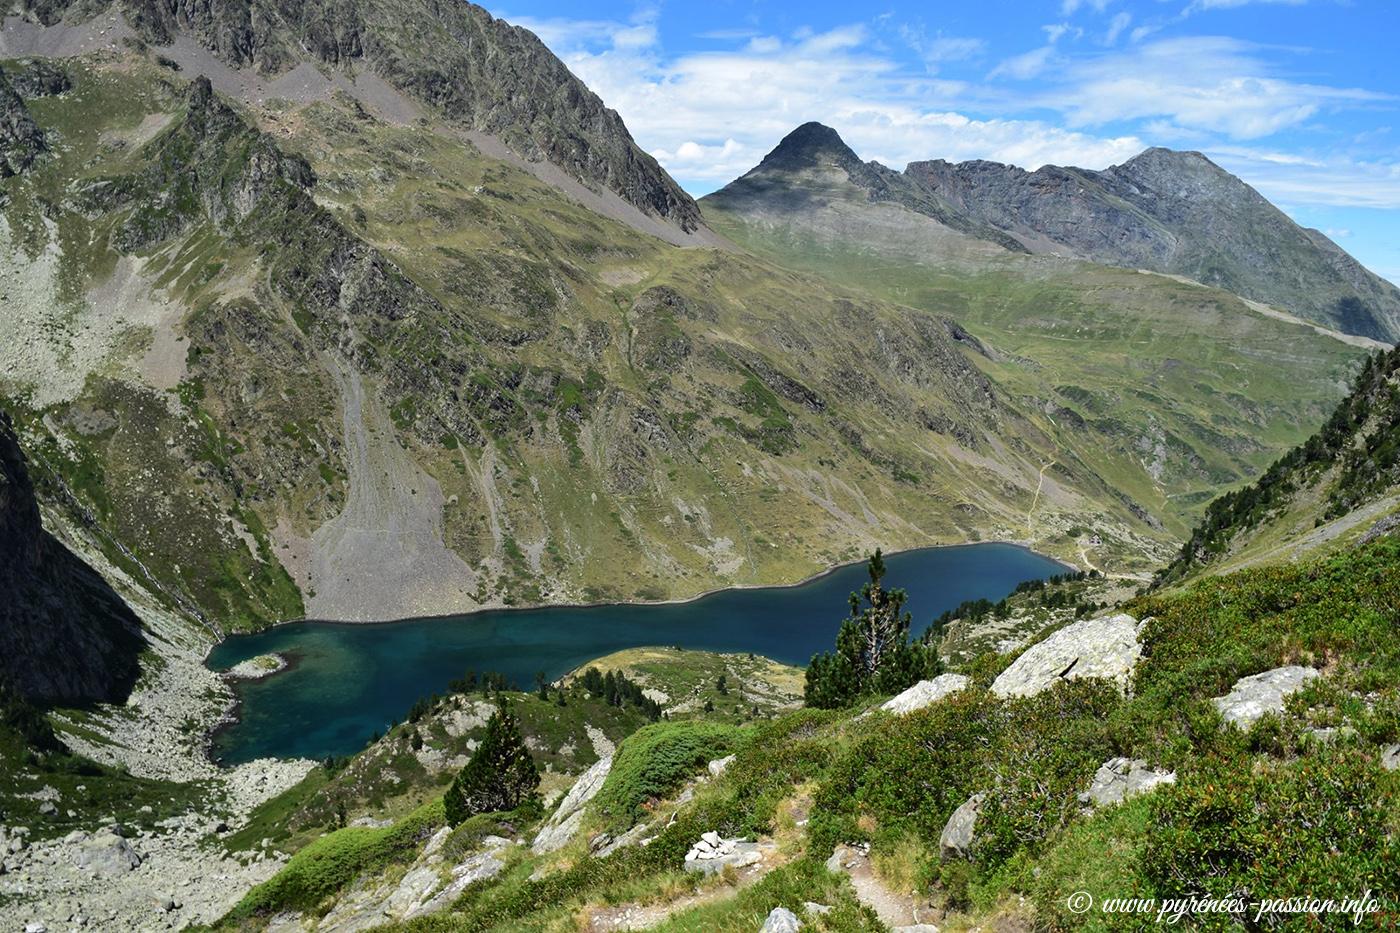 Le lac d'Ilhéou - Hautes-Pyrénées